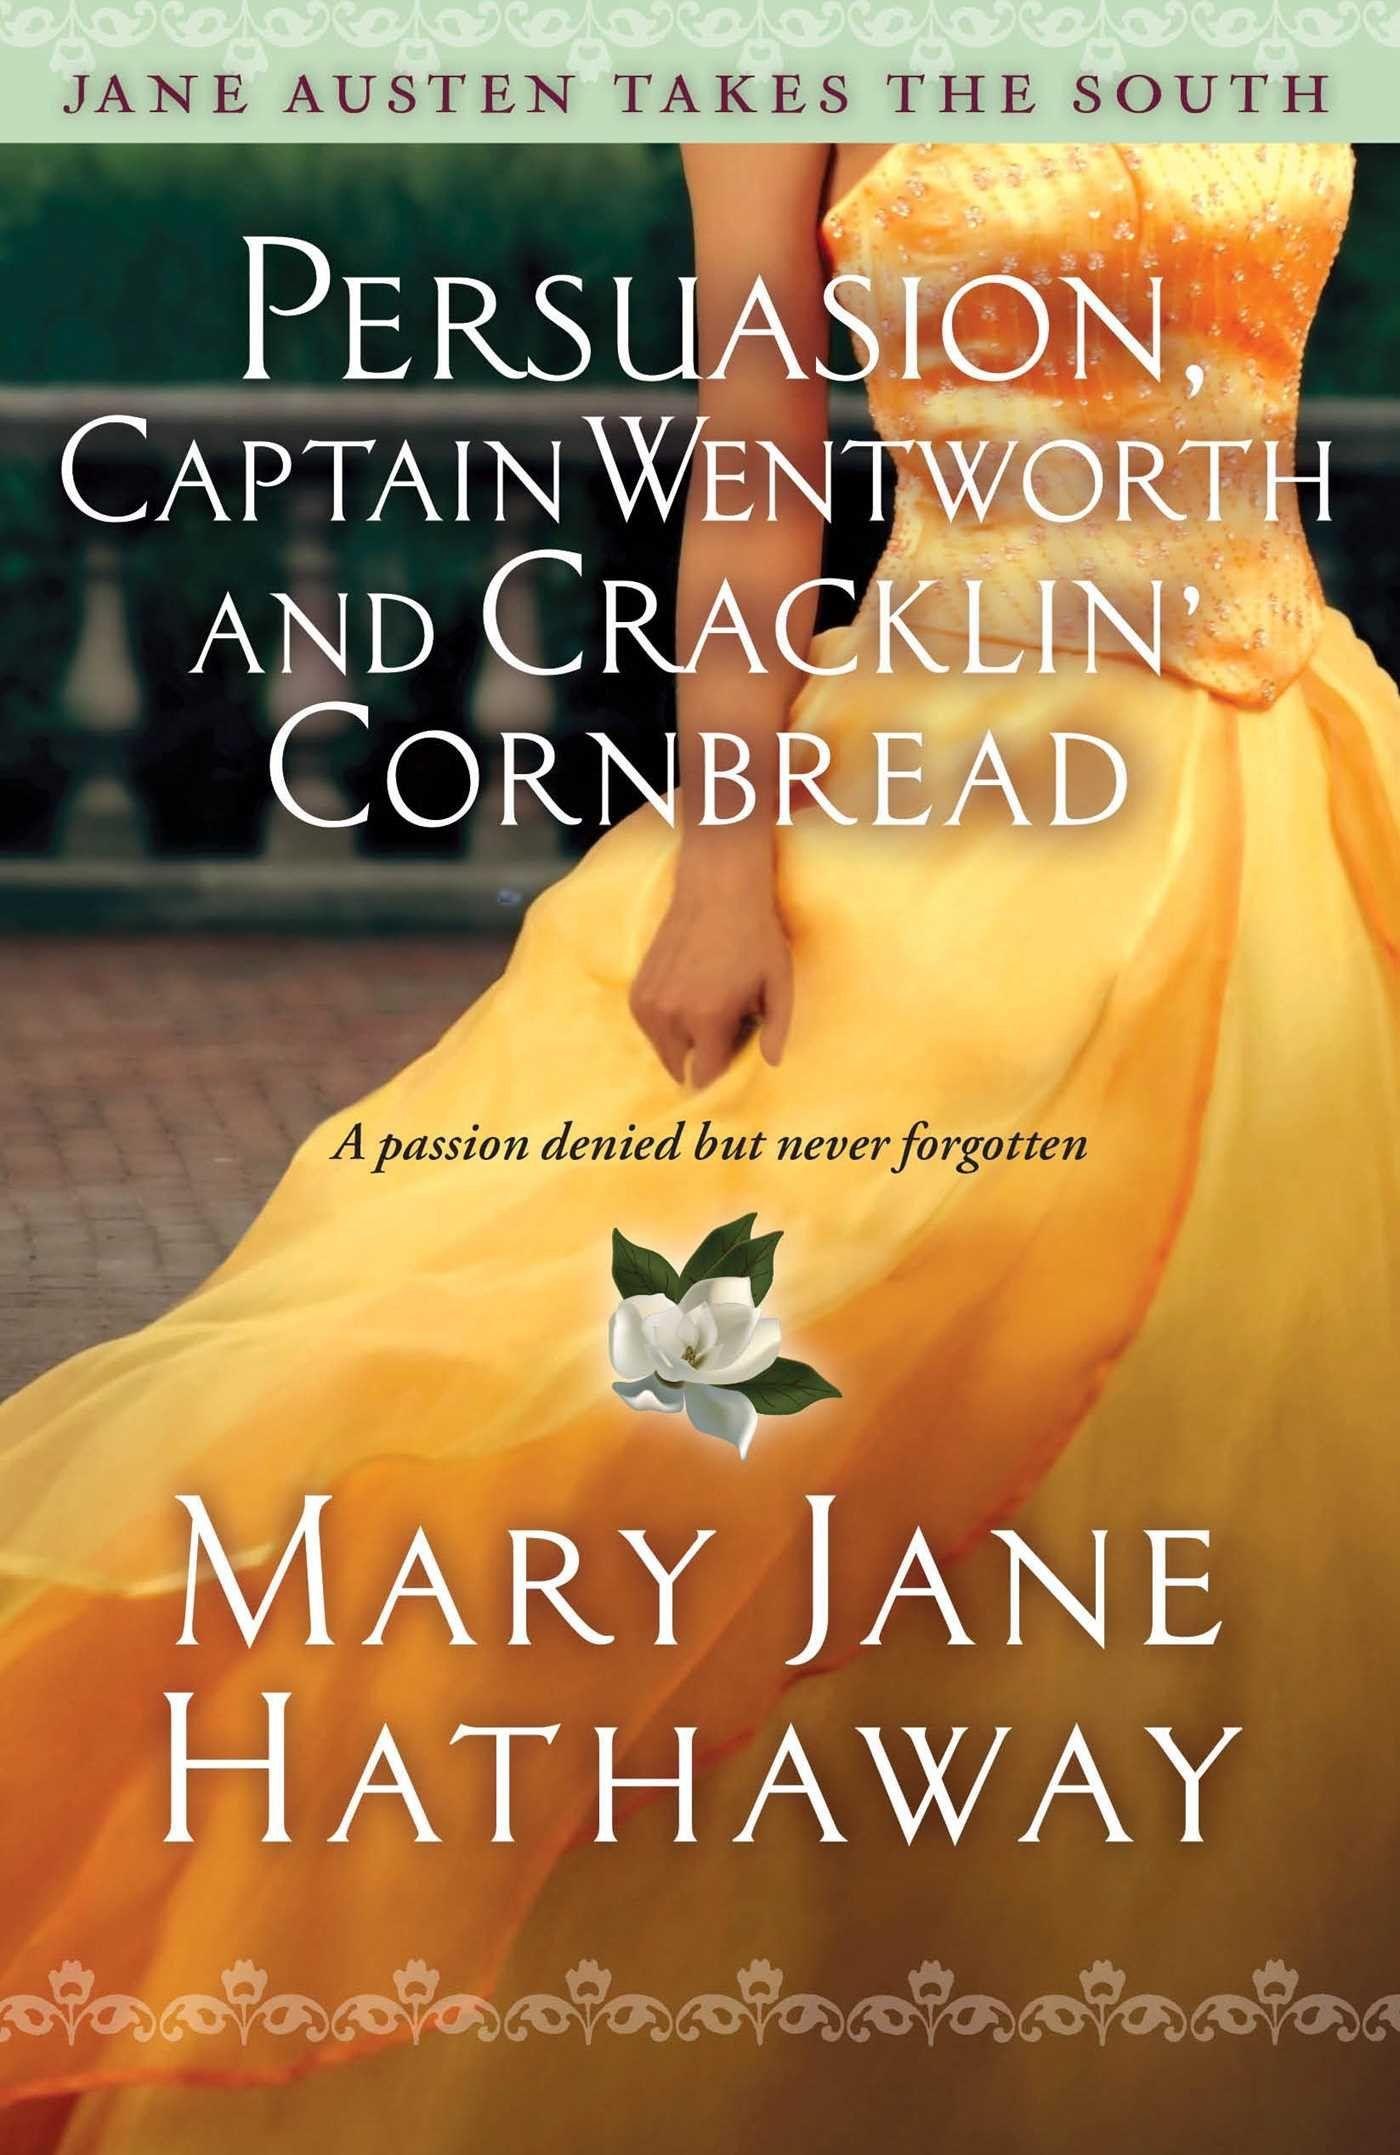 Persuasion, Captain Wentworth and Cracklin' Cornbread de Mary Jane Hathaway - Es la primera adaptación moderna de Persuasión que leo y me ha sorprendido gratamente la forma que en que ha sido tocada cada parte importante de la historia original. - Continúa... - http://warmisunquausten.blogspot.com.es/2014/12/resena-74-persuasion-captain-wentworth.html